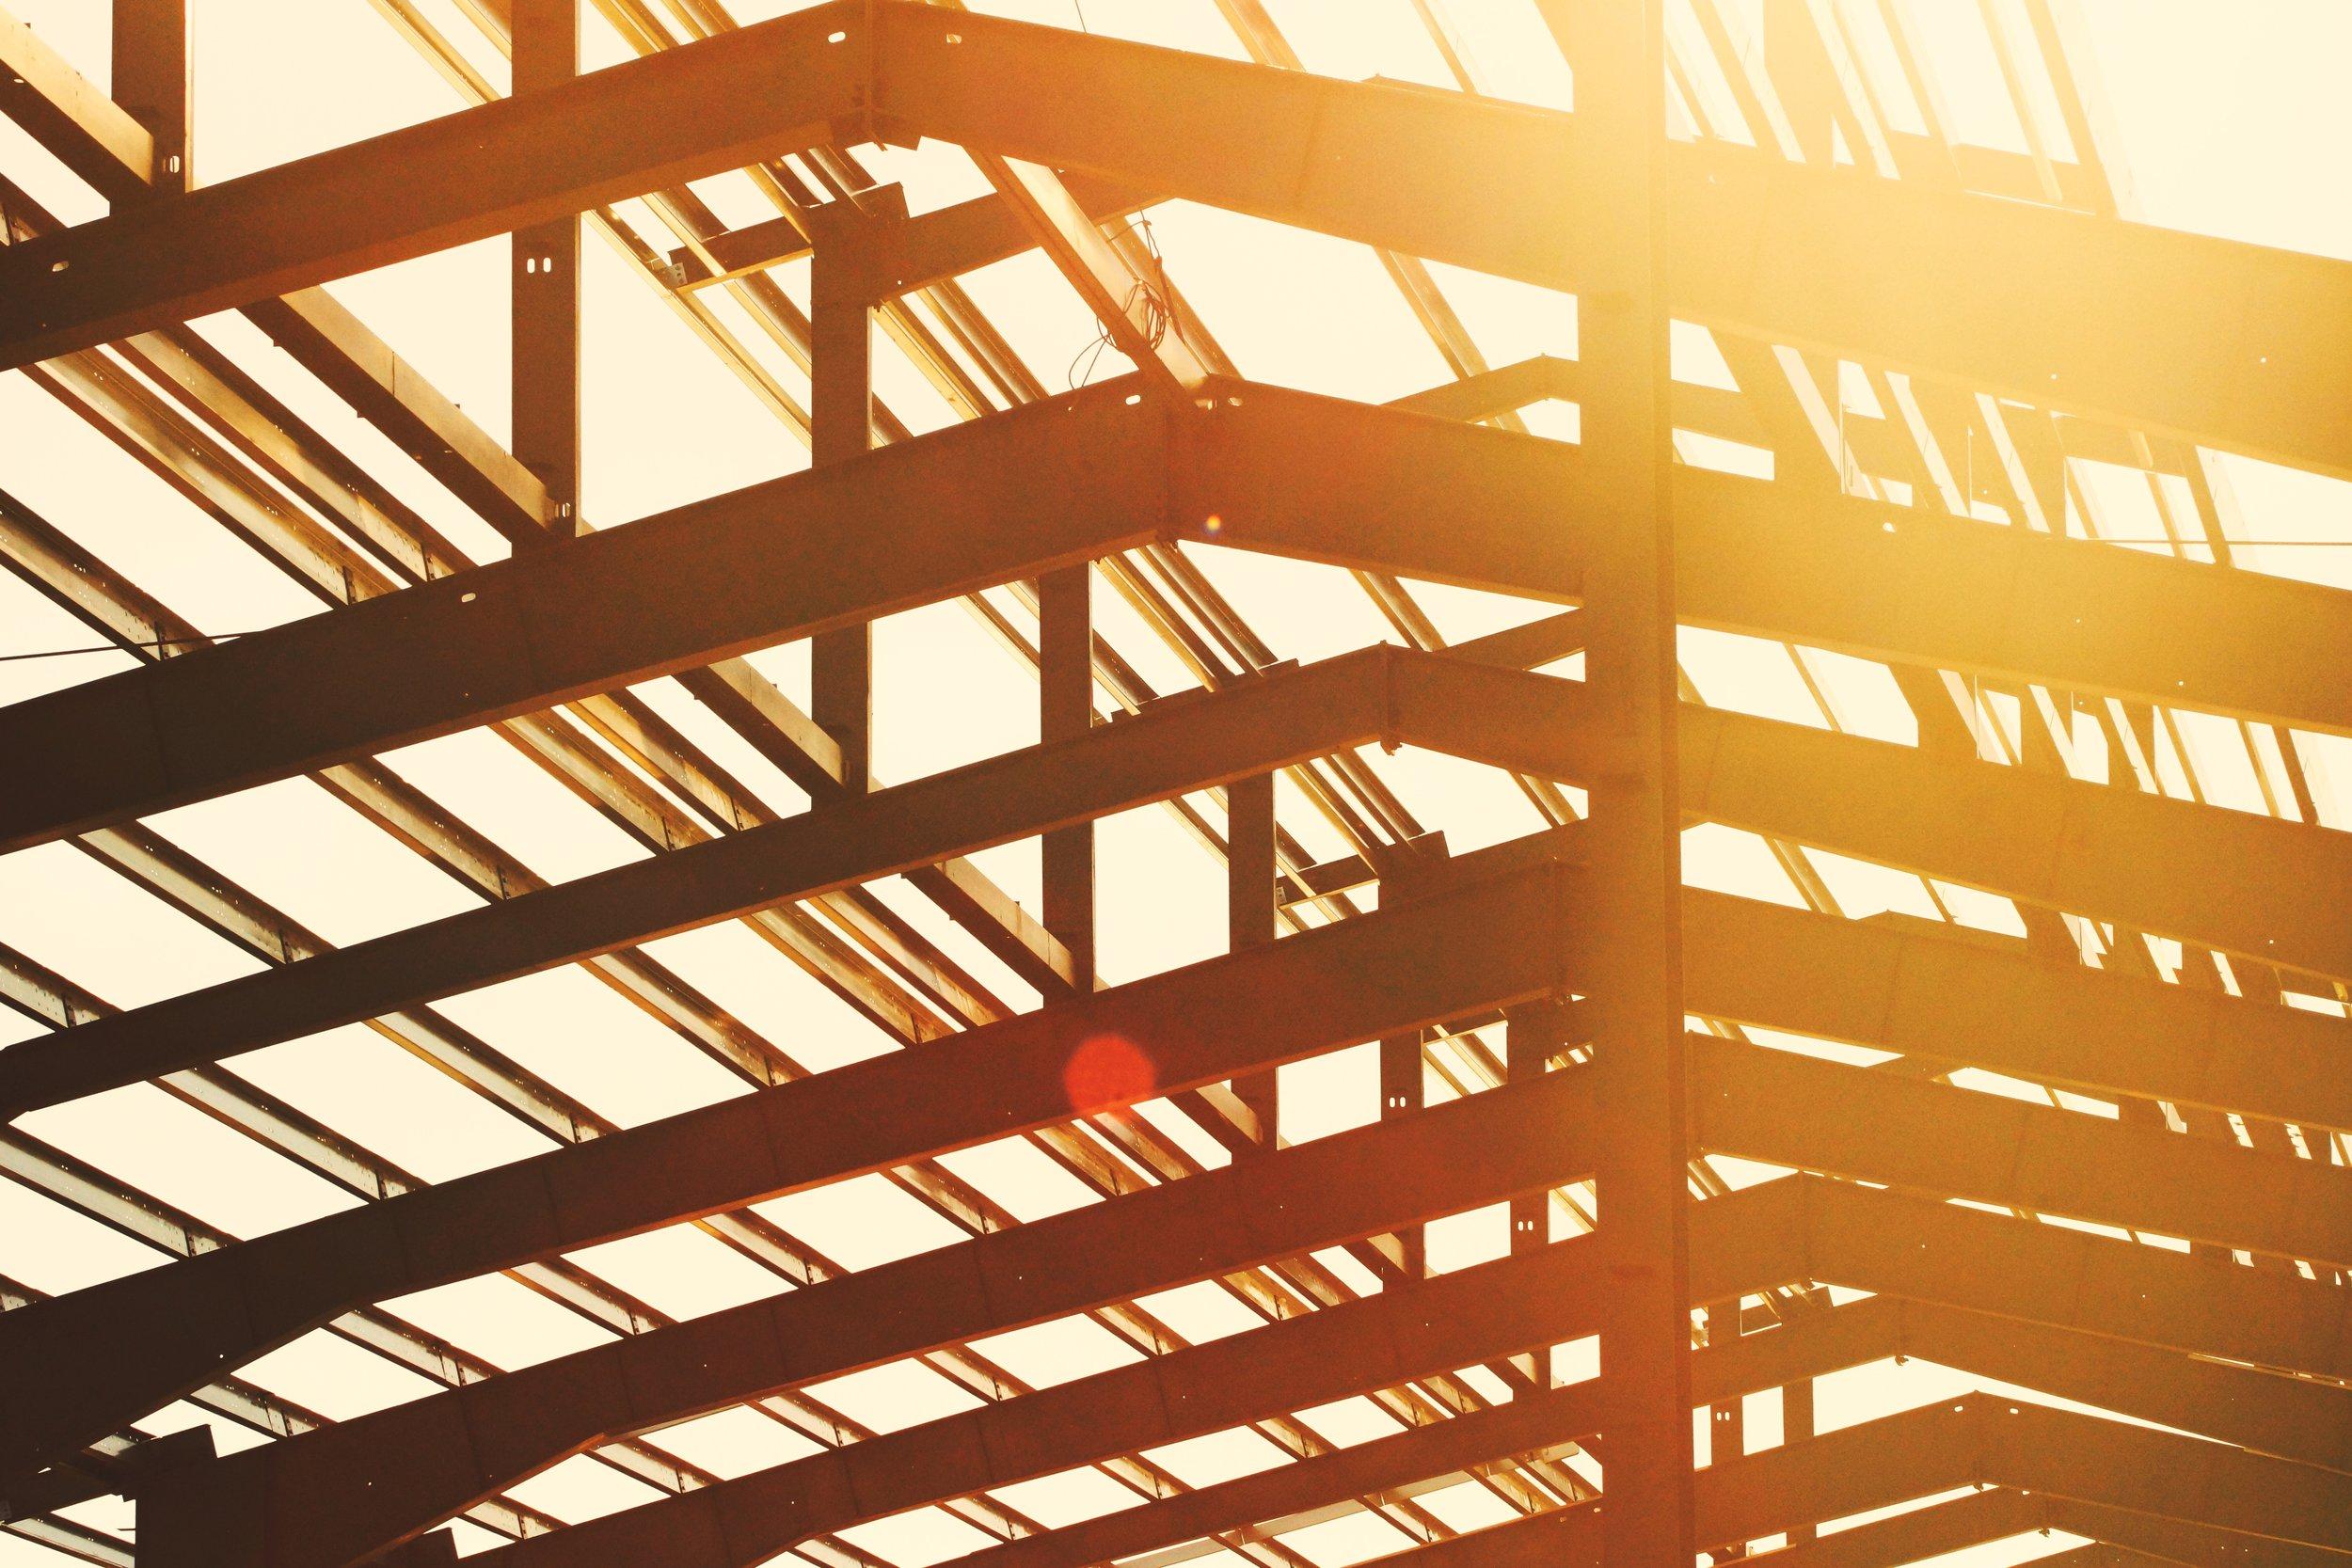 Structural steel 1311-unsplash.jpg